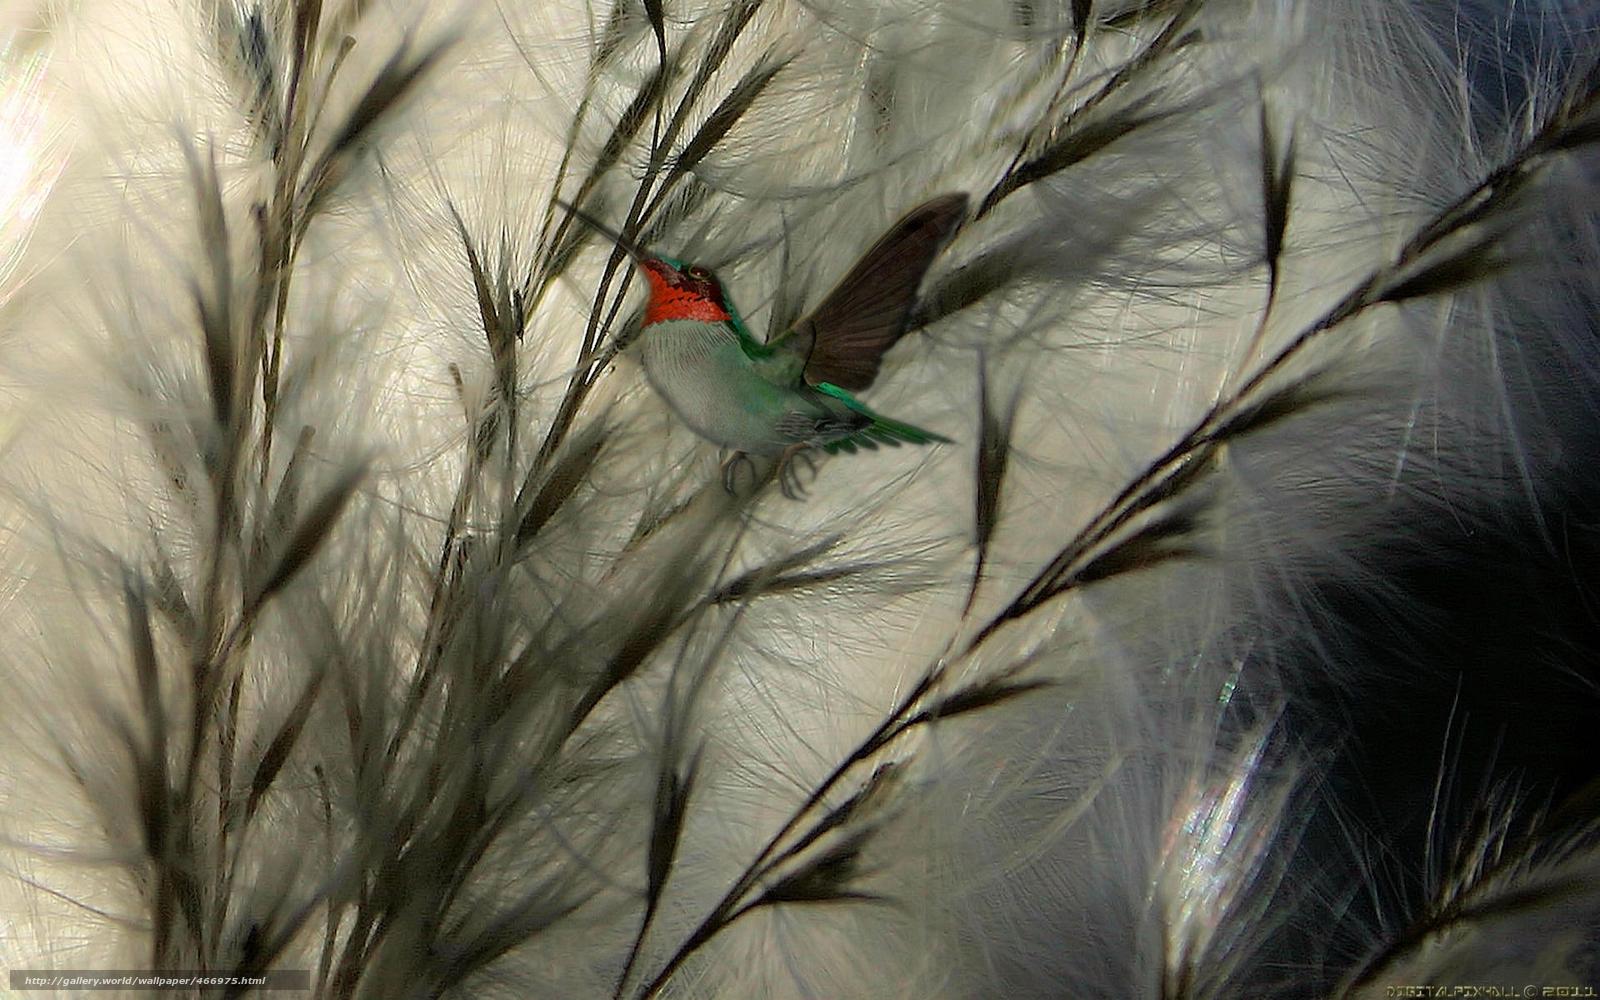 Tlcharger fond d 39 ecran usine oiseau papier peint fond for Papier peint ecran